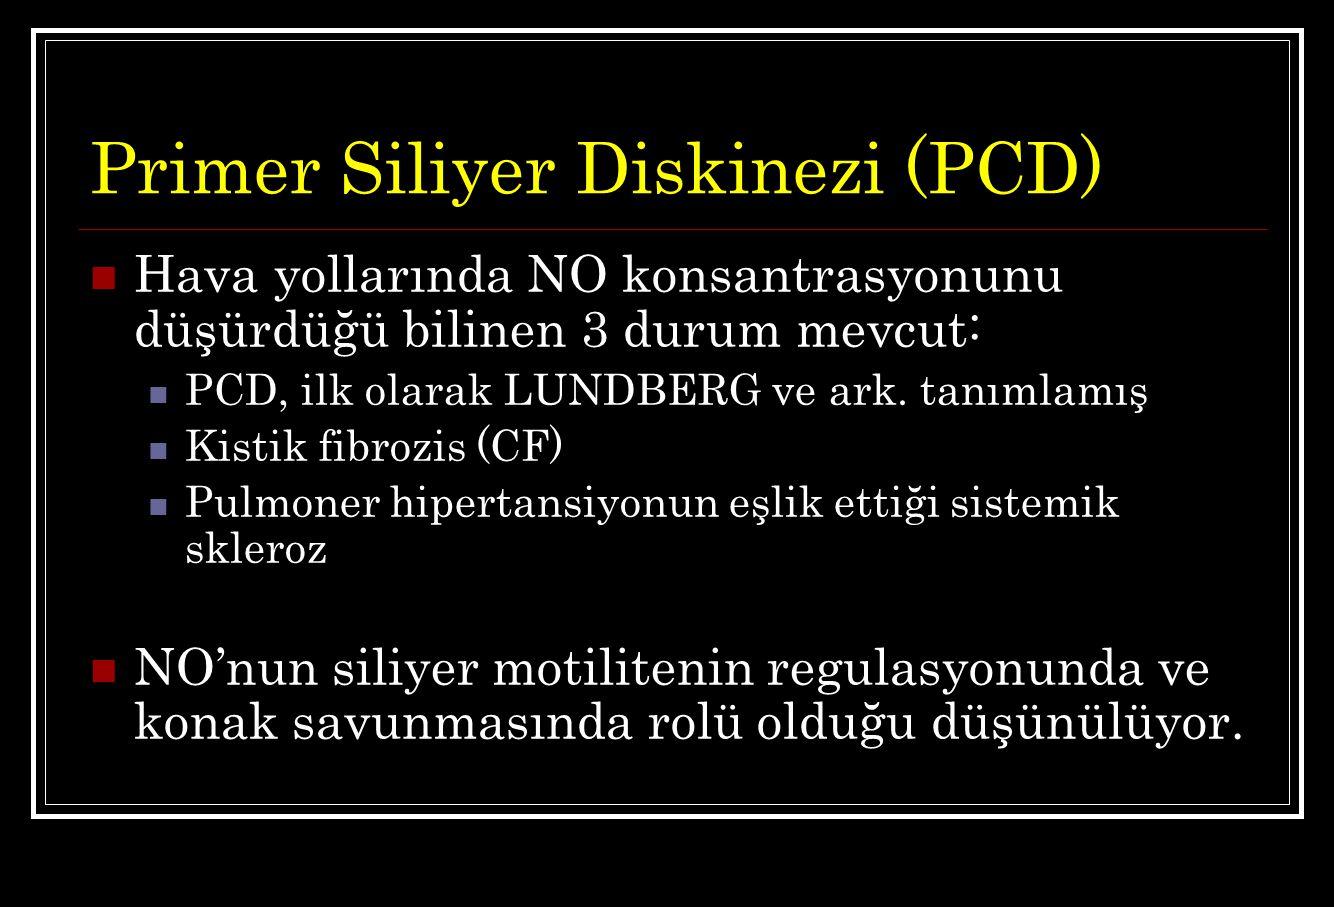 Primer Siliyer Diskinezi (PCD) Hava yollarında NO konsantrasyonunu düşürdüğü bilinen 3 durum mevcut: PCD, ilk olarak LUNDBERG ve ark. tanımlamış Kisti